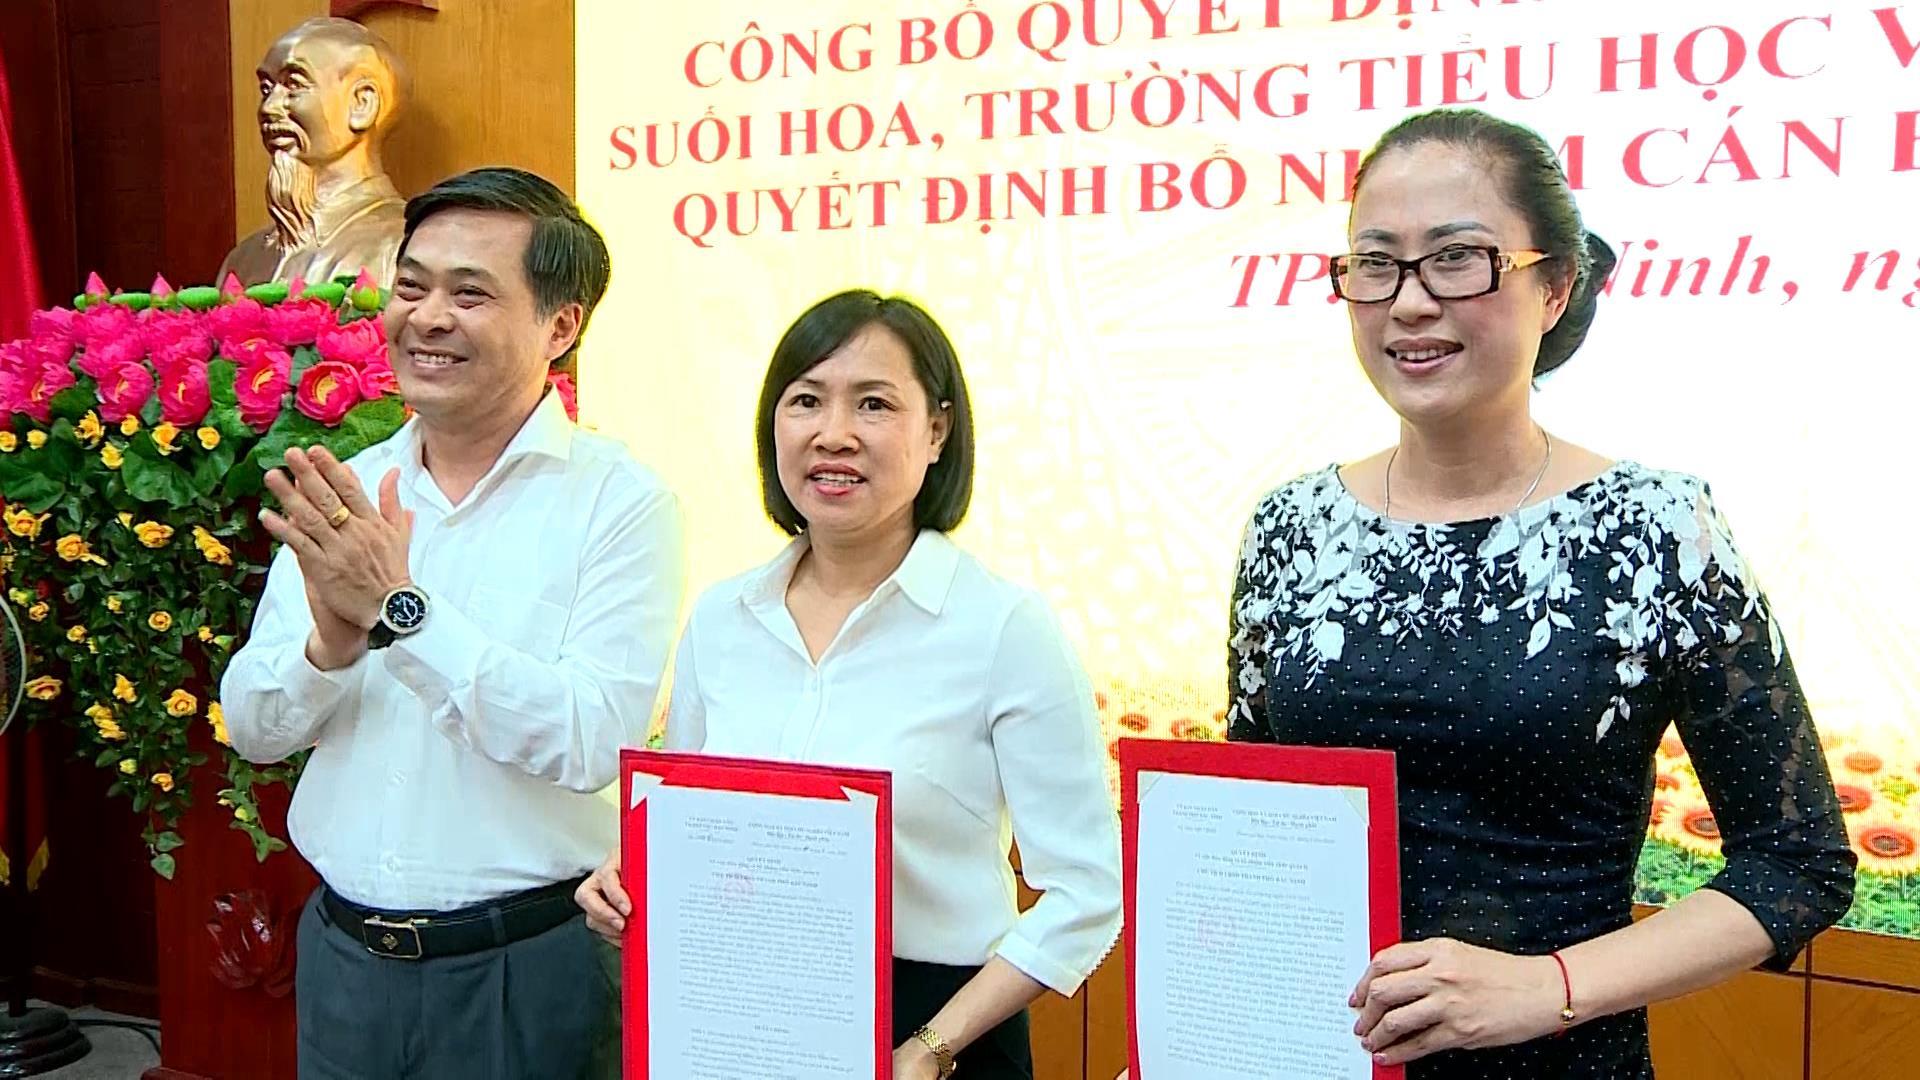 Thành phố Bắc Ninh thành lập trường Mầm non Suối Hoa trường Tiểu học, THCS Hoàng Hoa Thám